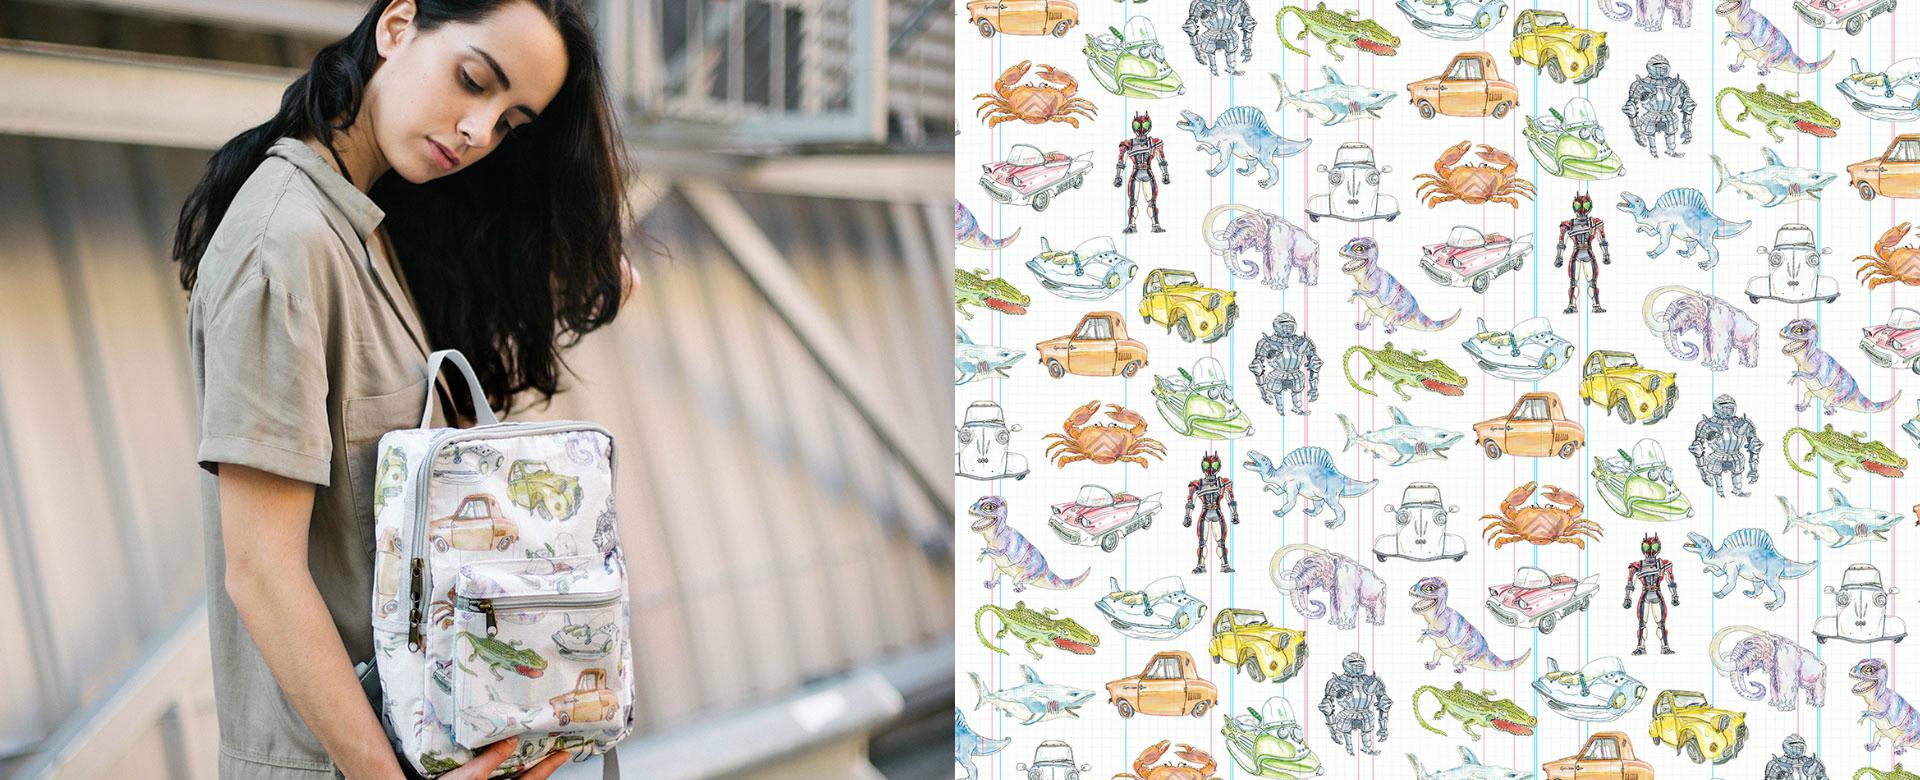 Mochilas y complementos con ilustraciones de Lapin hechas con cometas de kitesurf recicladas